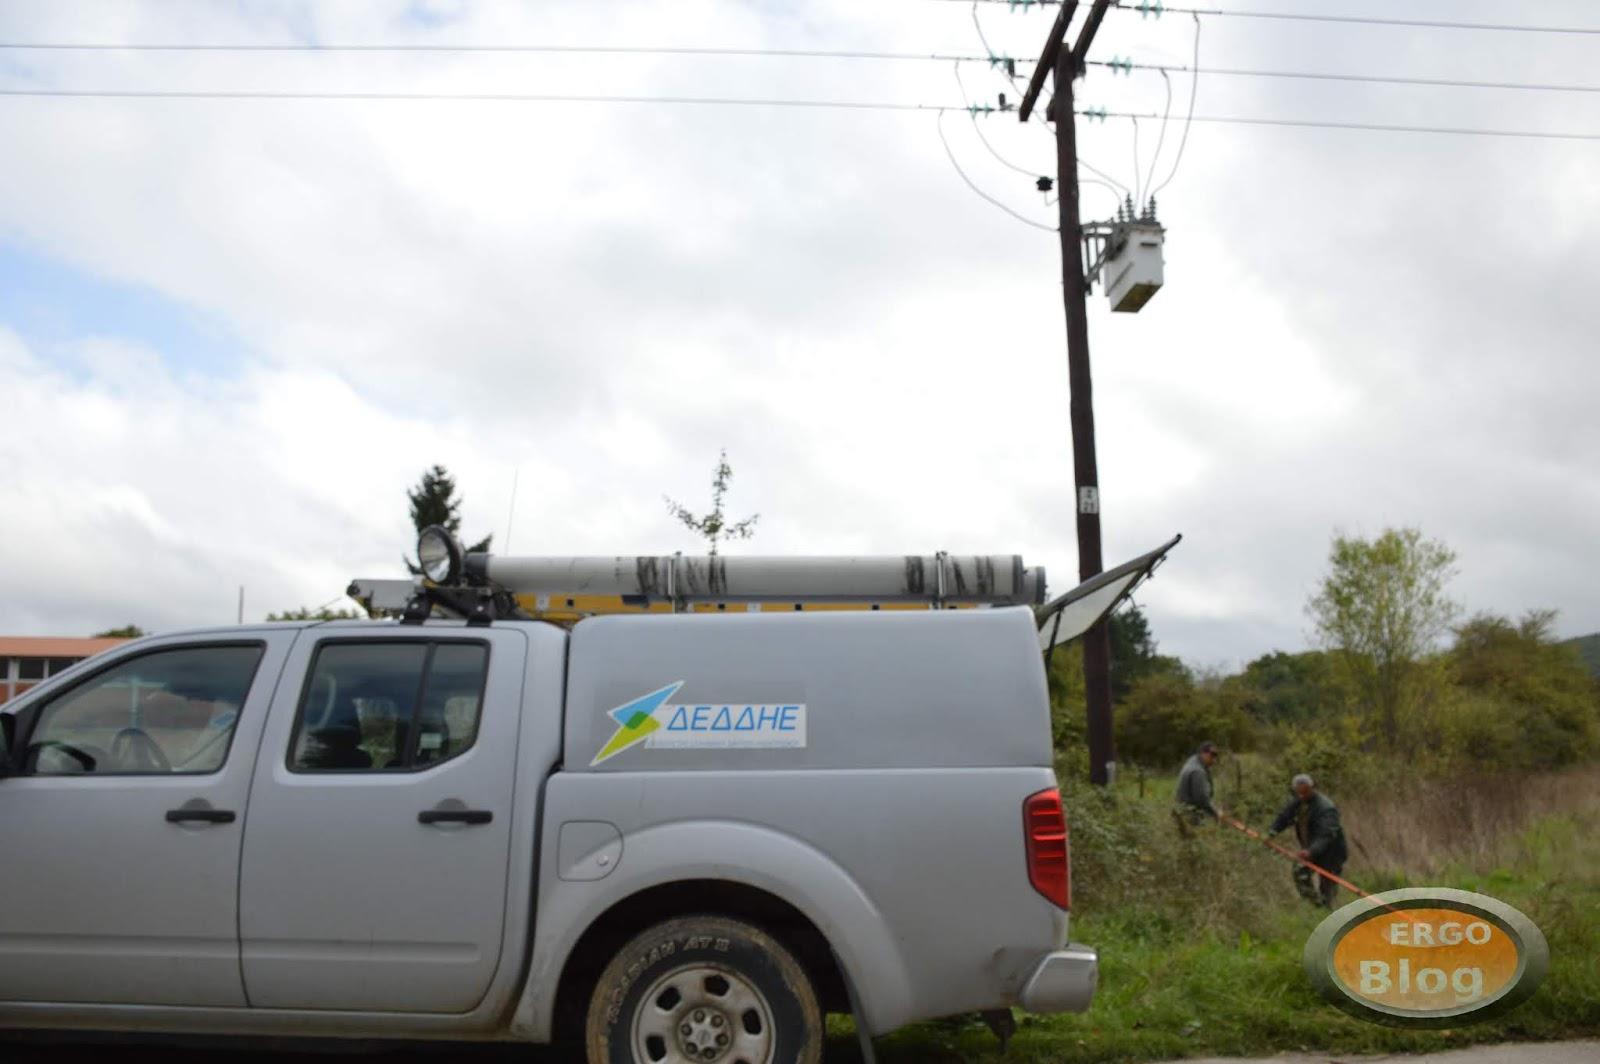 Διακοπή ηλεκτροδότησης στο Δήμο Νέας Προποντίδας